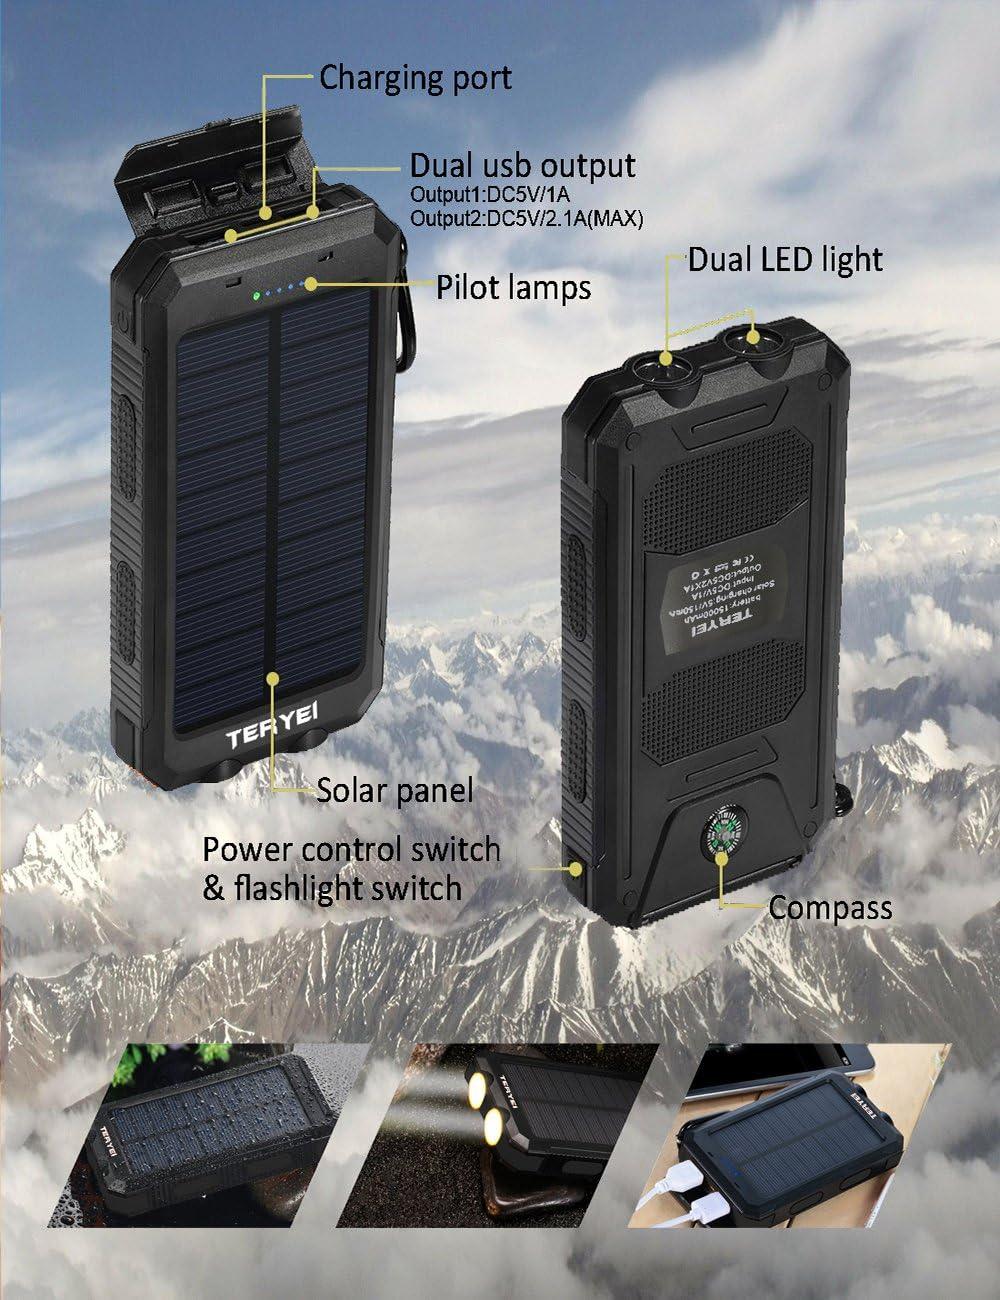 Portable Solar Phone Charger Teryei 15000 Mah Solar Power Bank Copia De Seguridad Exterior Cell Telefono Celular Cargador De Bateria Externa Con Doble Puerto Usb Dual Led Linternas Solar Cargador De Bateria